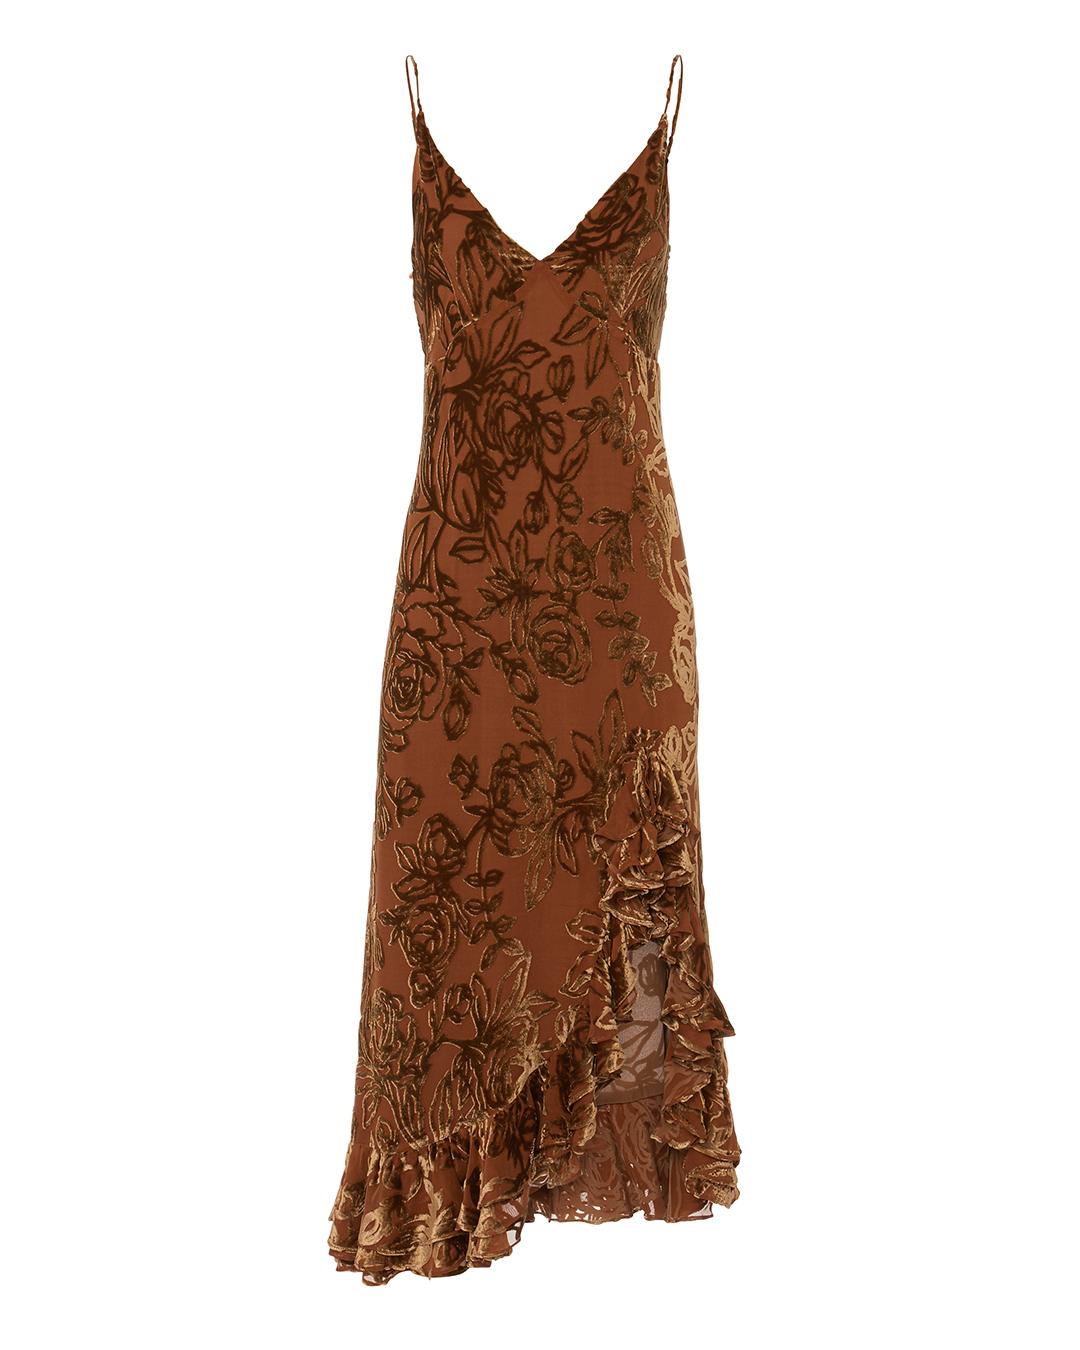 CAROLINE CONSTAS ELVIRA VELVET SLIP DRESS BROWN